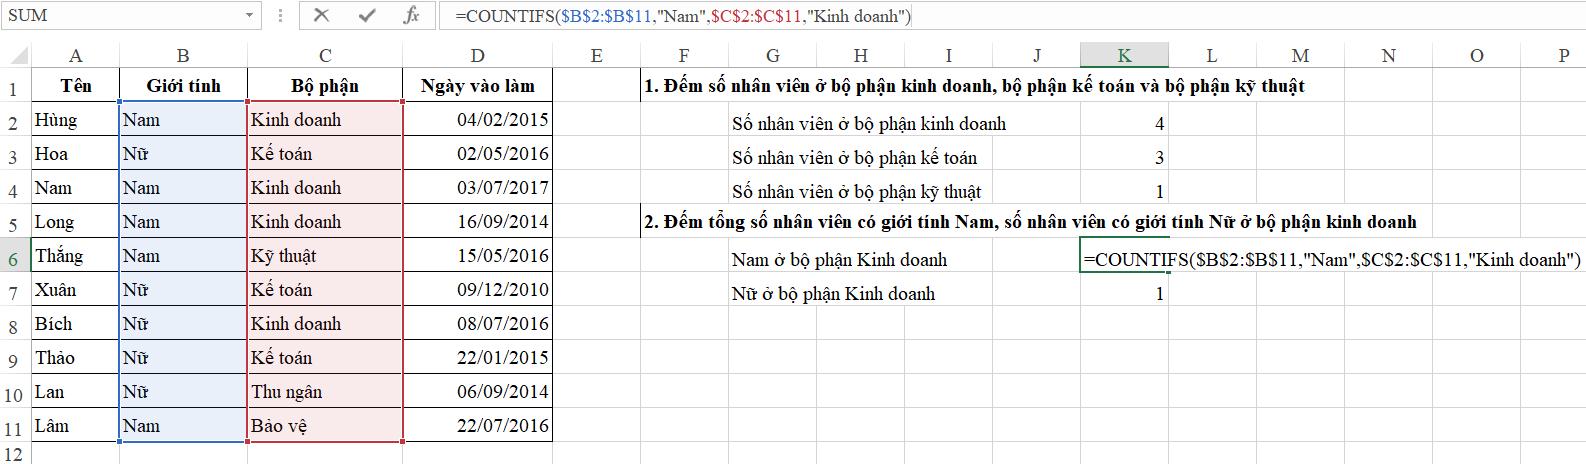 2- Cách sử dụng hàm Countifs đếm theo nhiều điều kiện